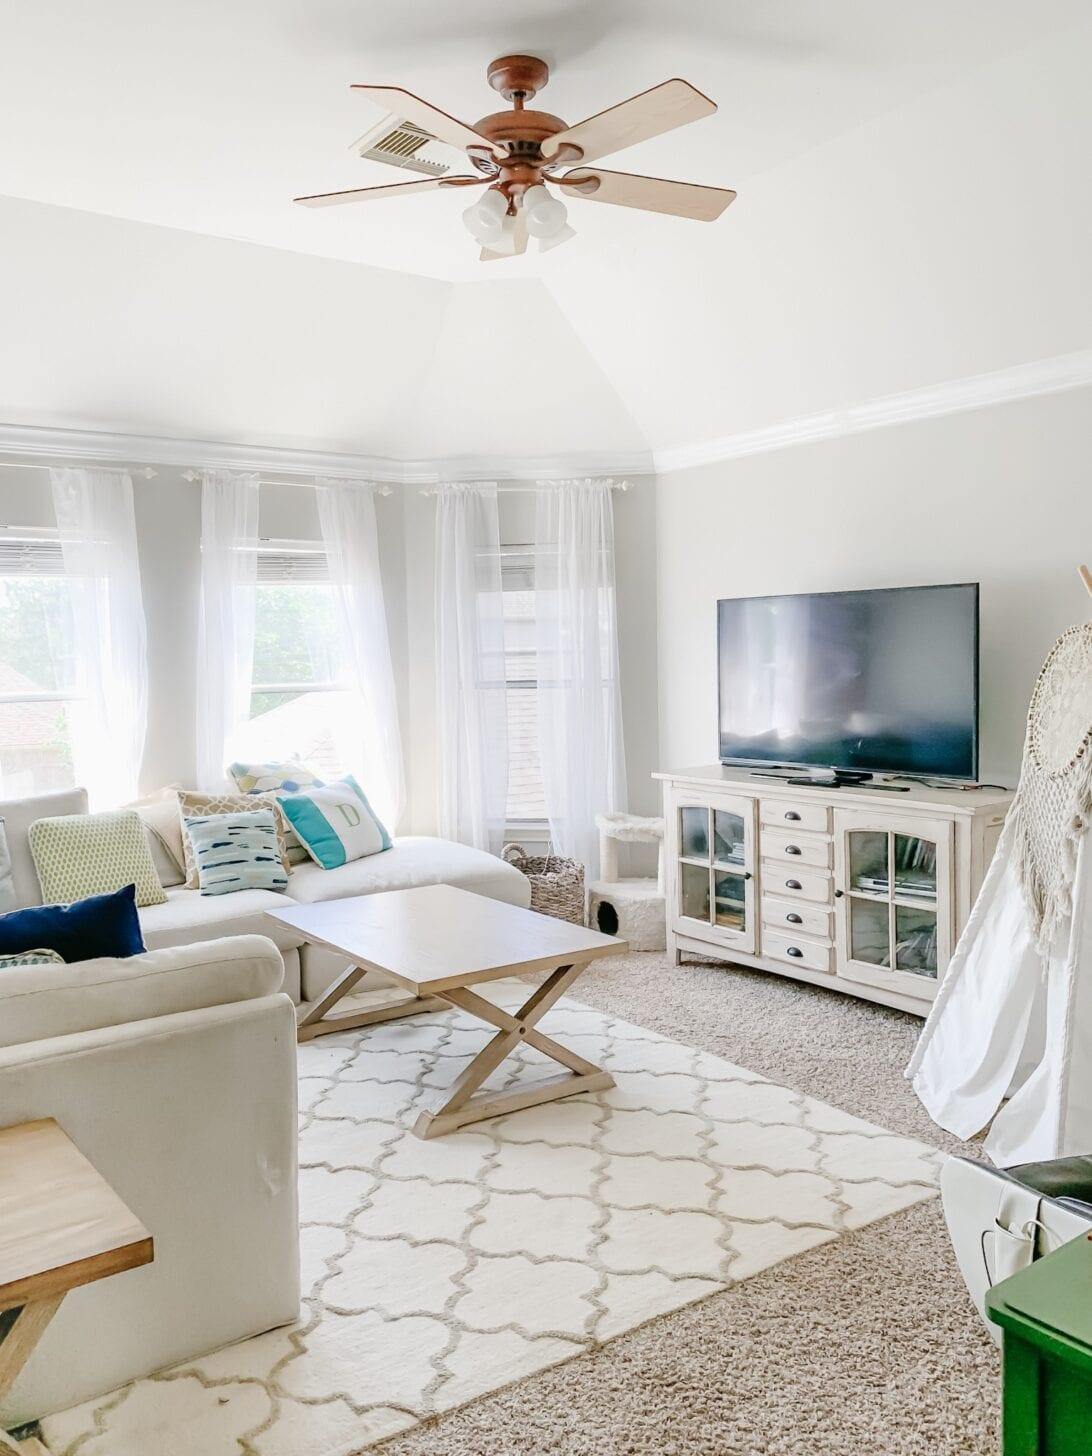 gameroom, TV room, family room. coastal style